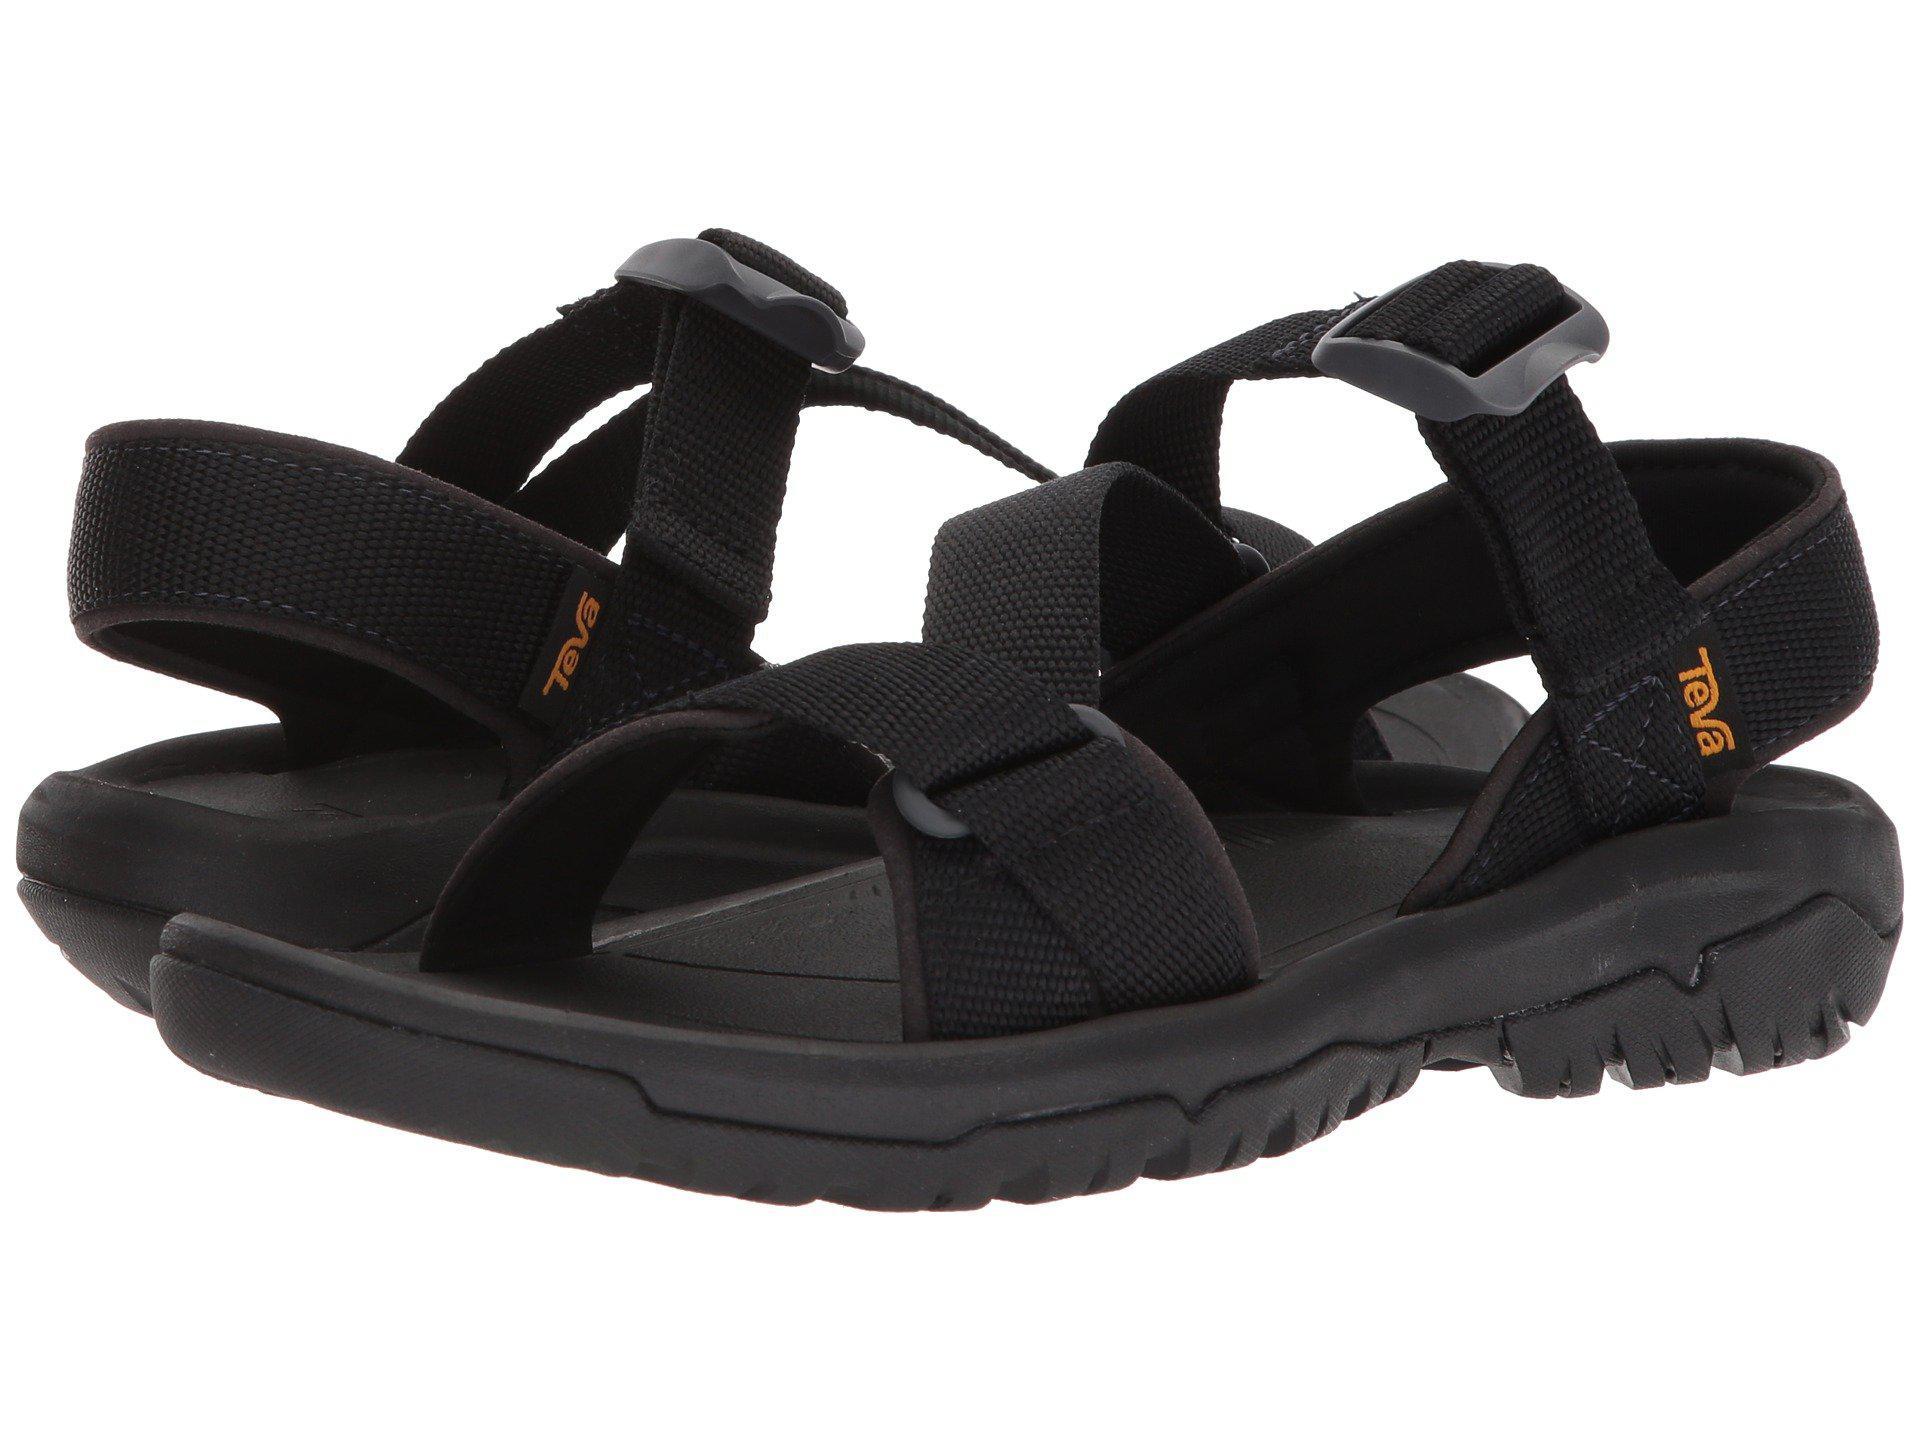 227078dd800584 Teva - Black Hurricane Xlt2 Cross Strap (dark Olive) Men s Shoes for Men -.  View fullscreen